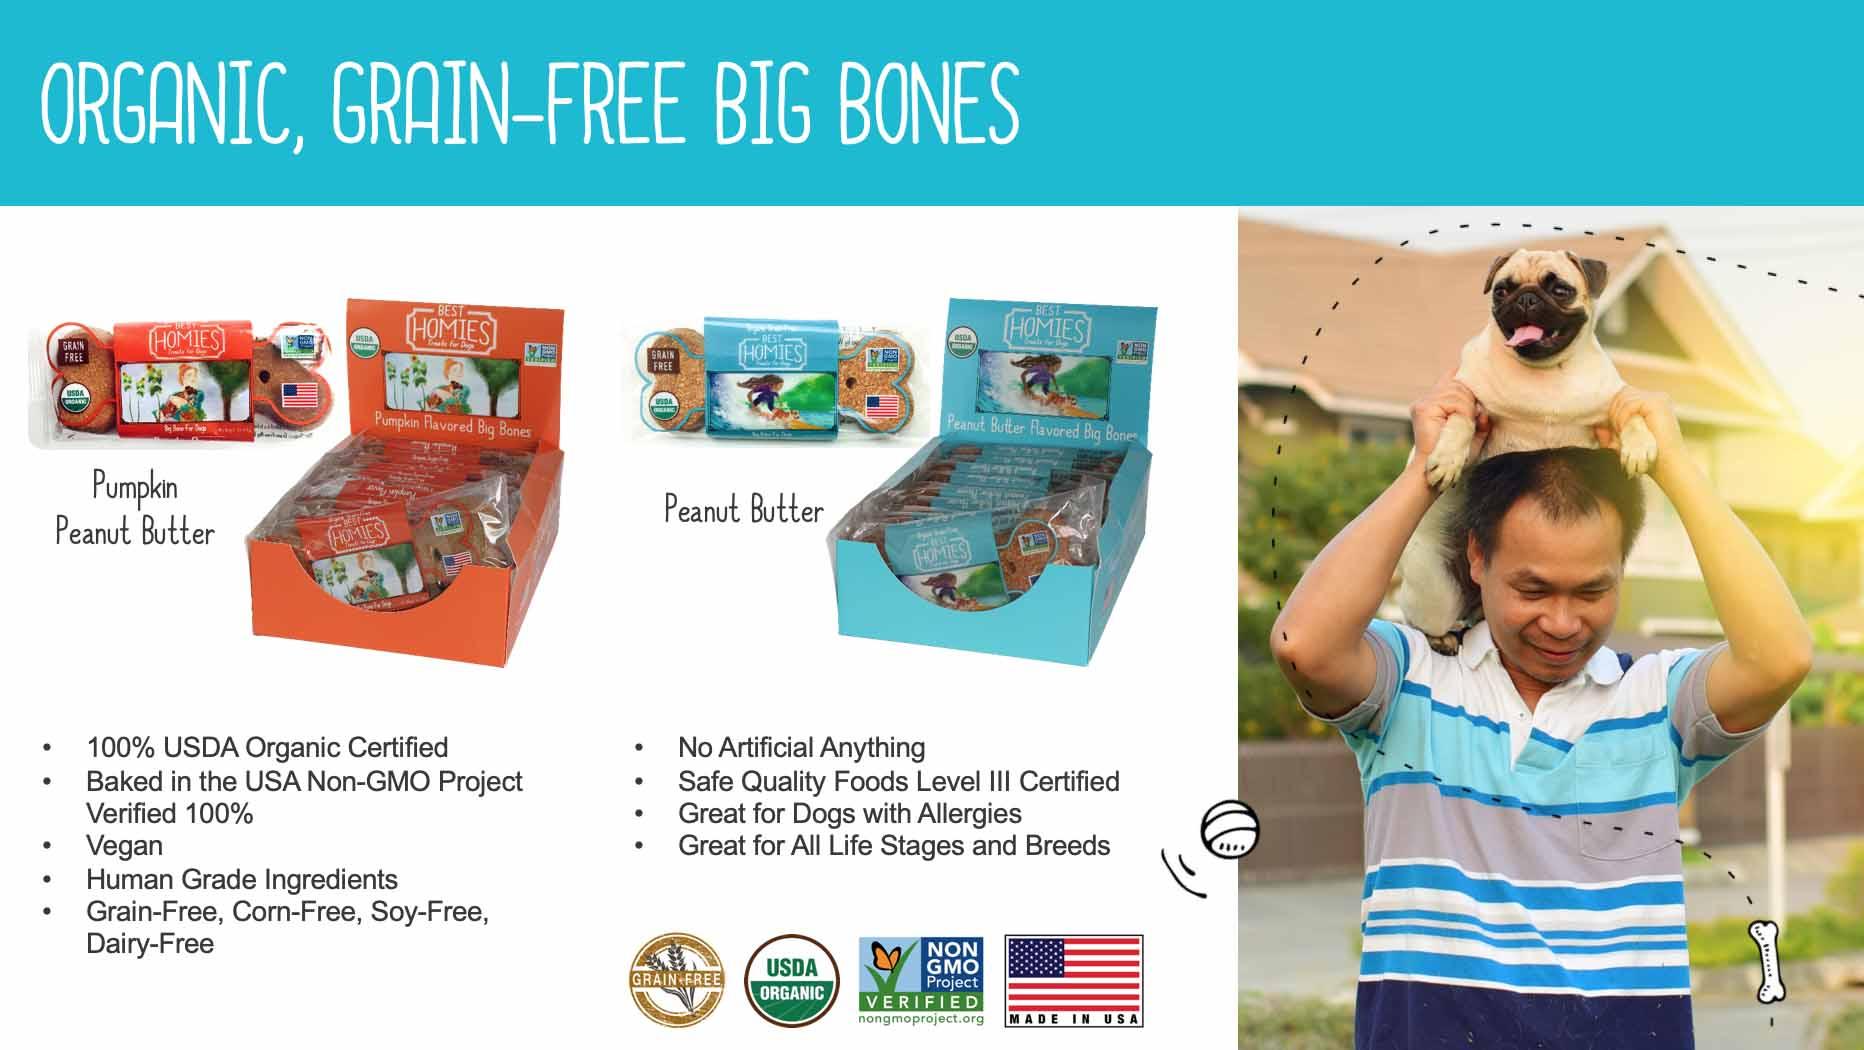 big bones info sheet.jpg